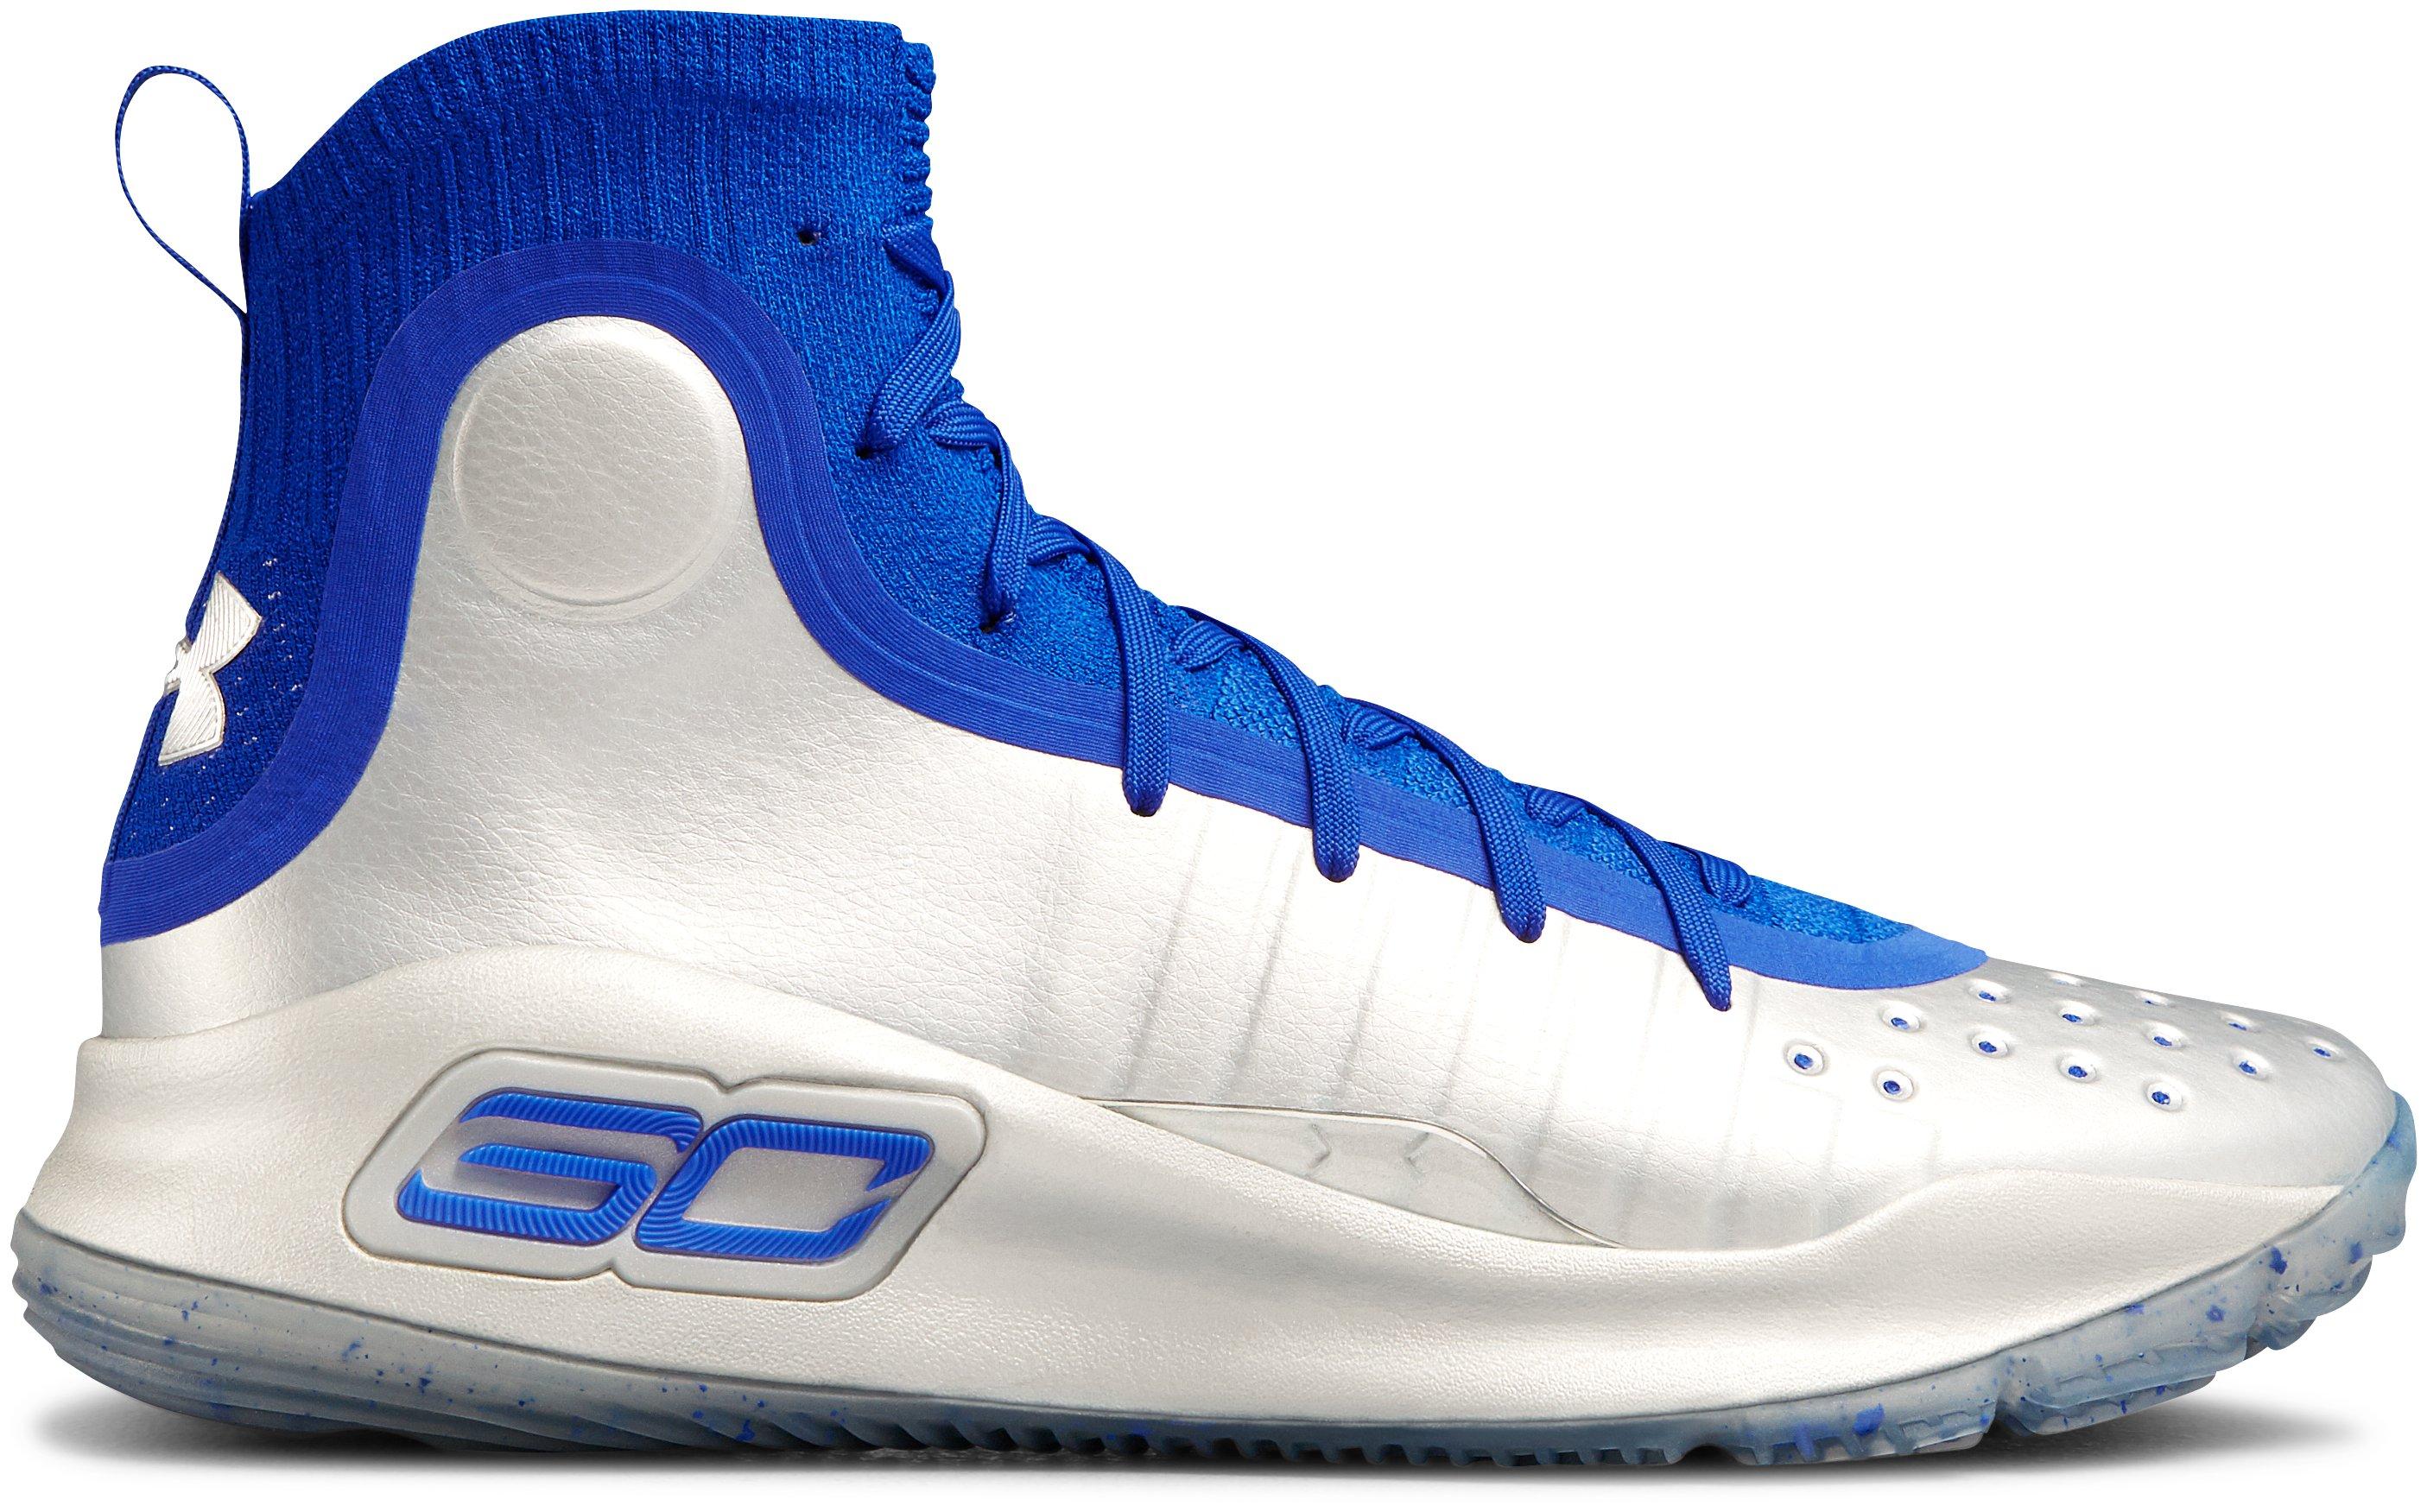 Zapatos de Basketball UA Curry 4, 360 degree view